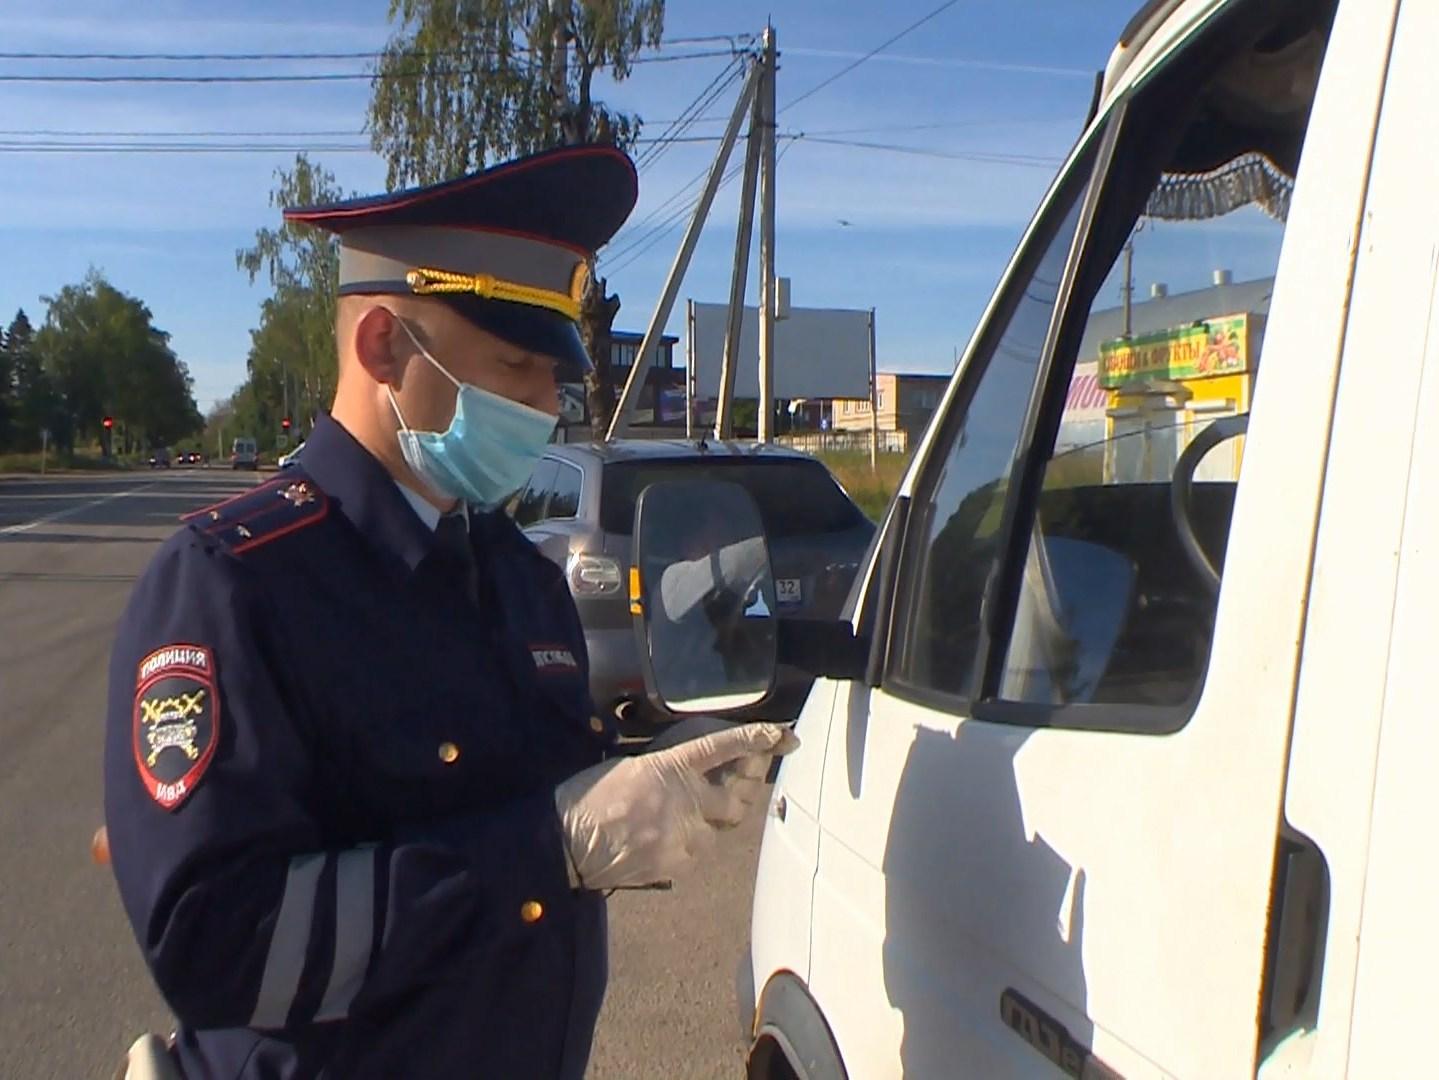 Госавтоинспекция Смоленска проверит автолюбителей на предмет алкогольного опьянения